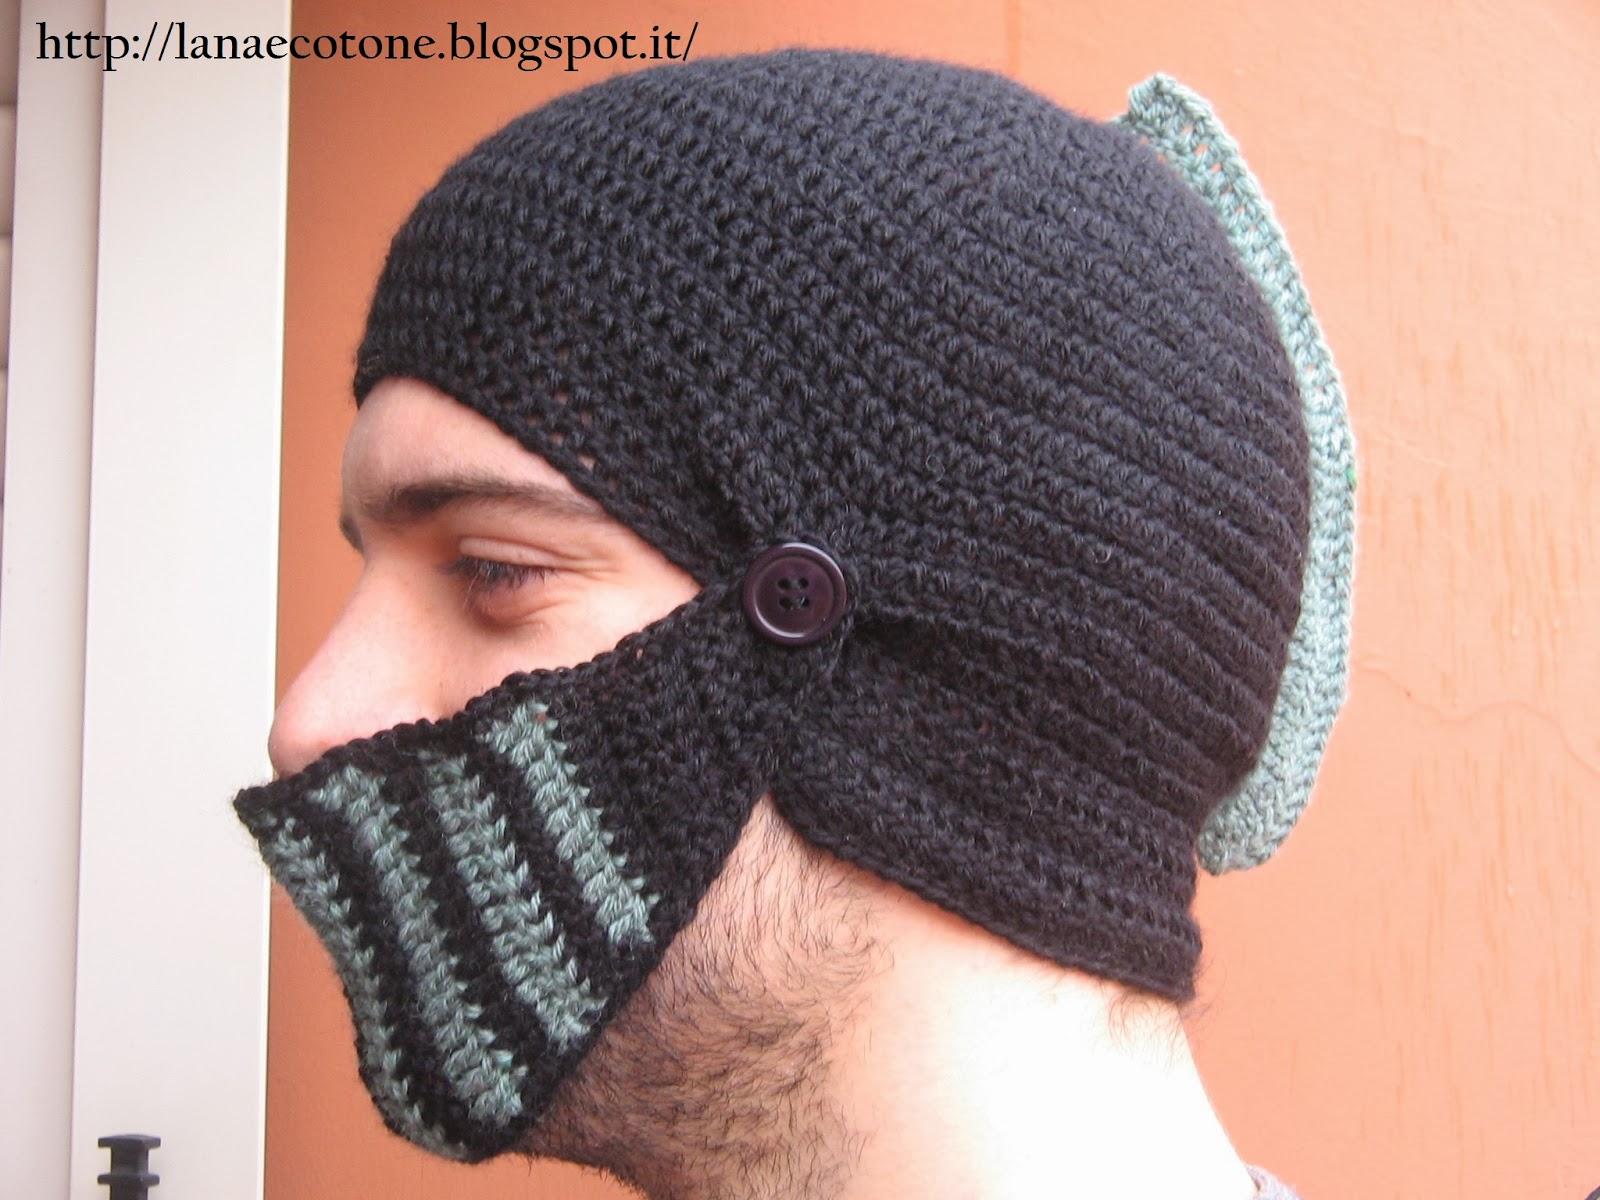 più colori foto ufficiali sconto fino al 60% Lana e Cotone (maglia e uncinetto): Cappello